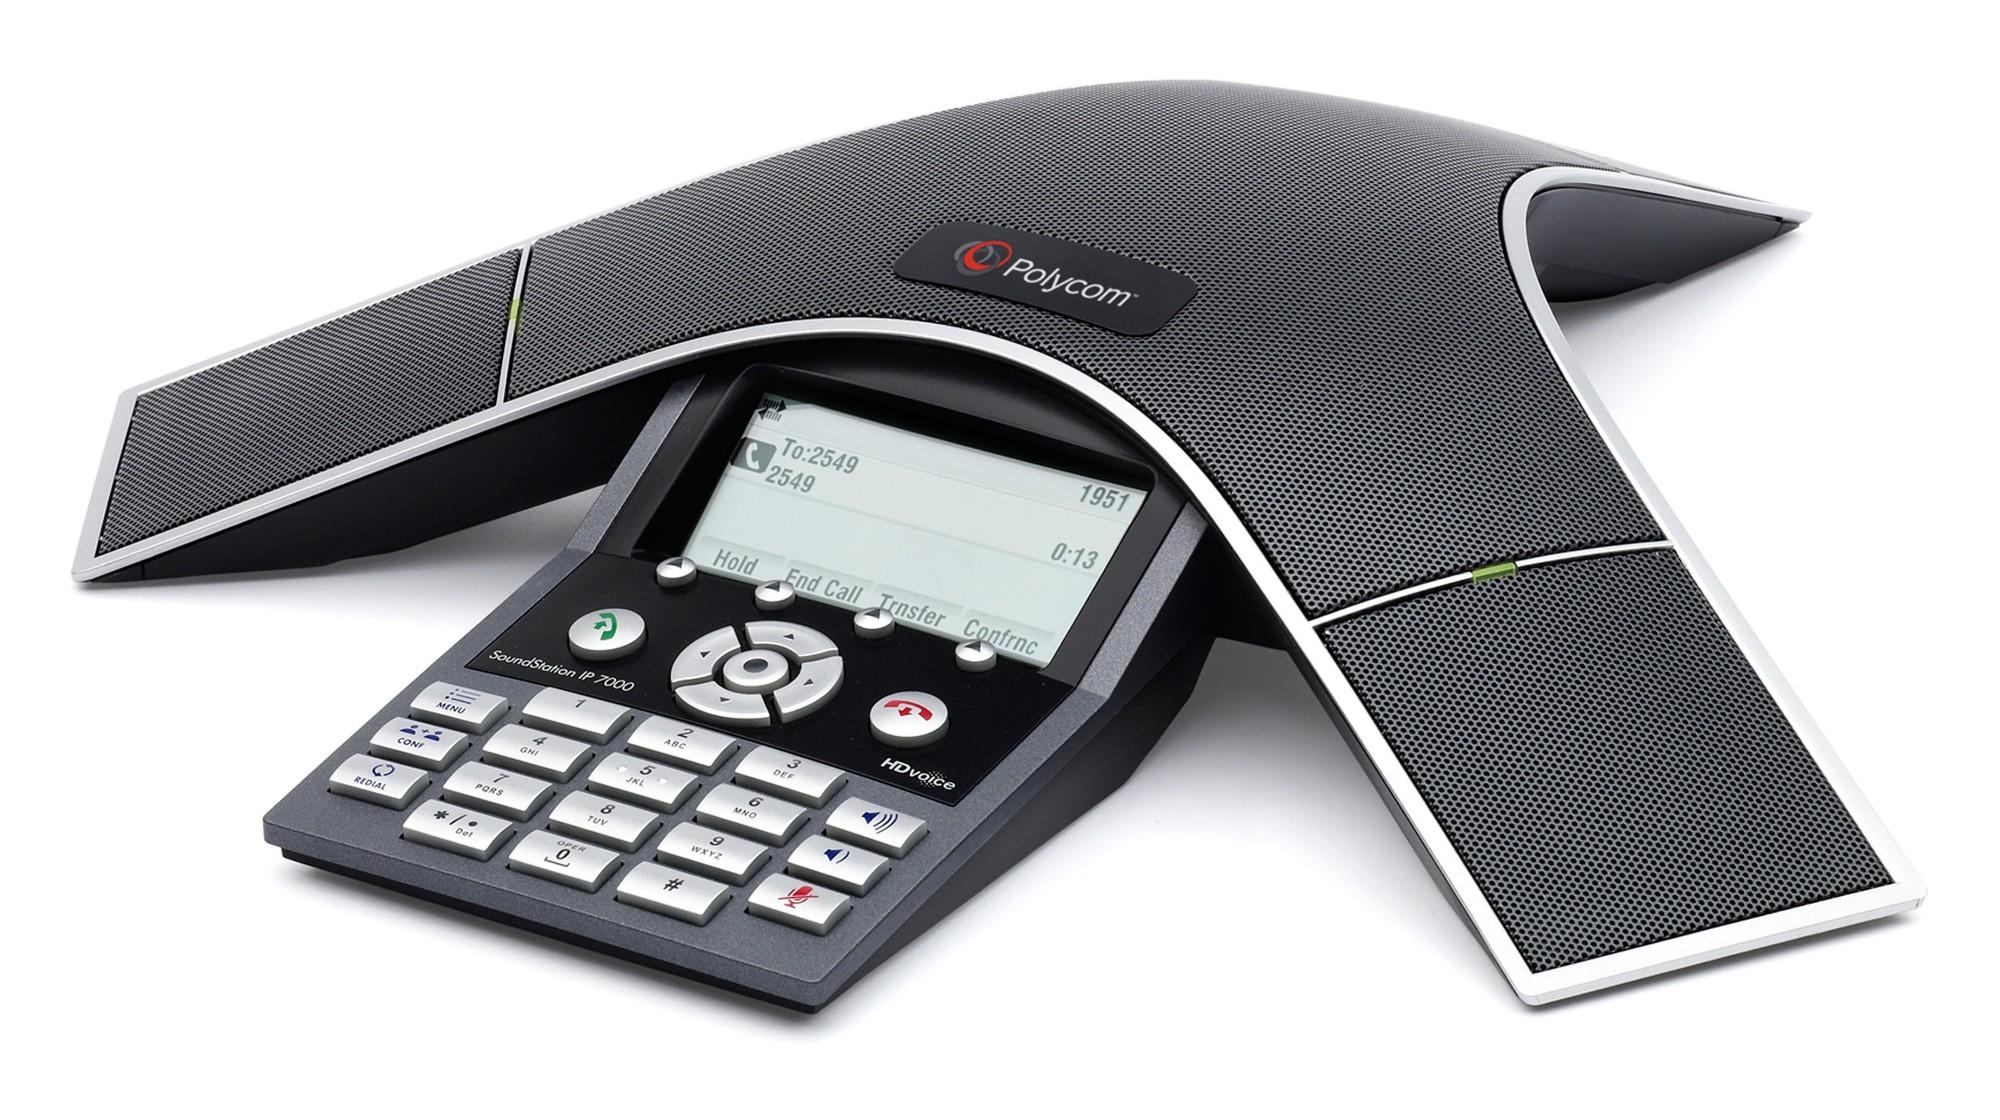 POLY SoundStation IP 7000 Black